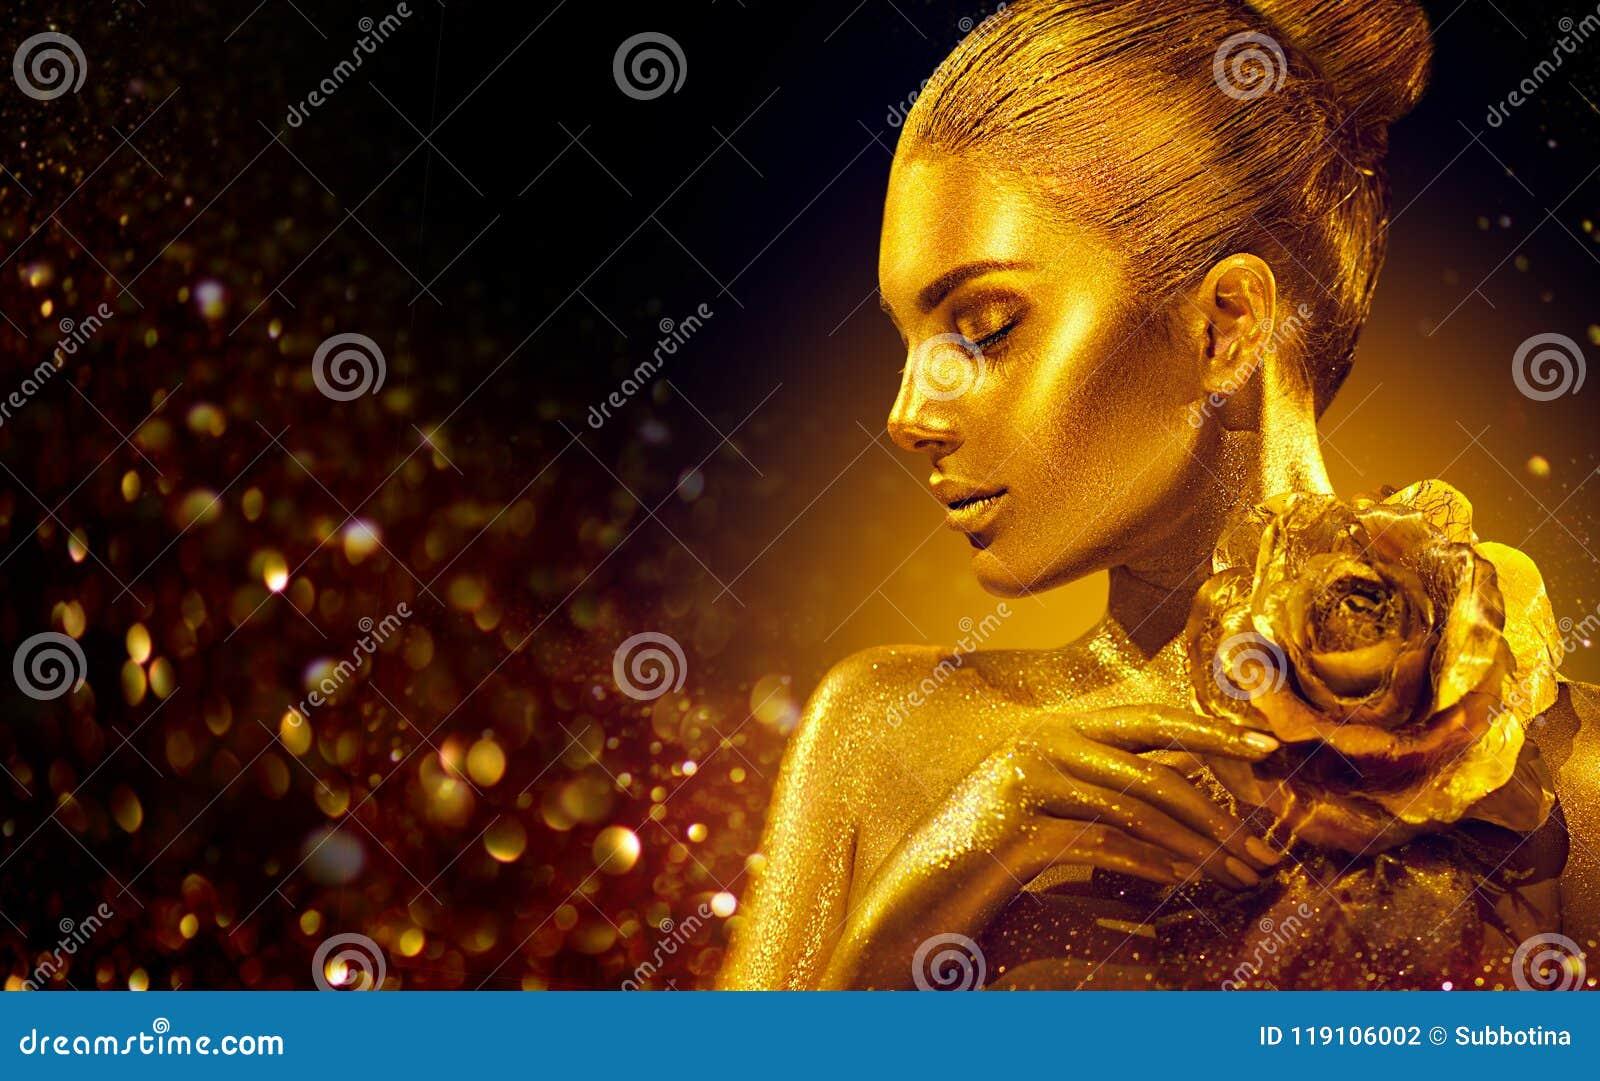 Den guld- hudkvinnan med steg Mode Art Portrait Modellera flickan med makeup för guld- glamour för ferie skinande yrkesmässig